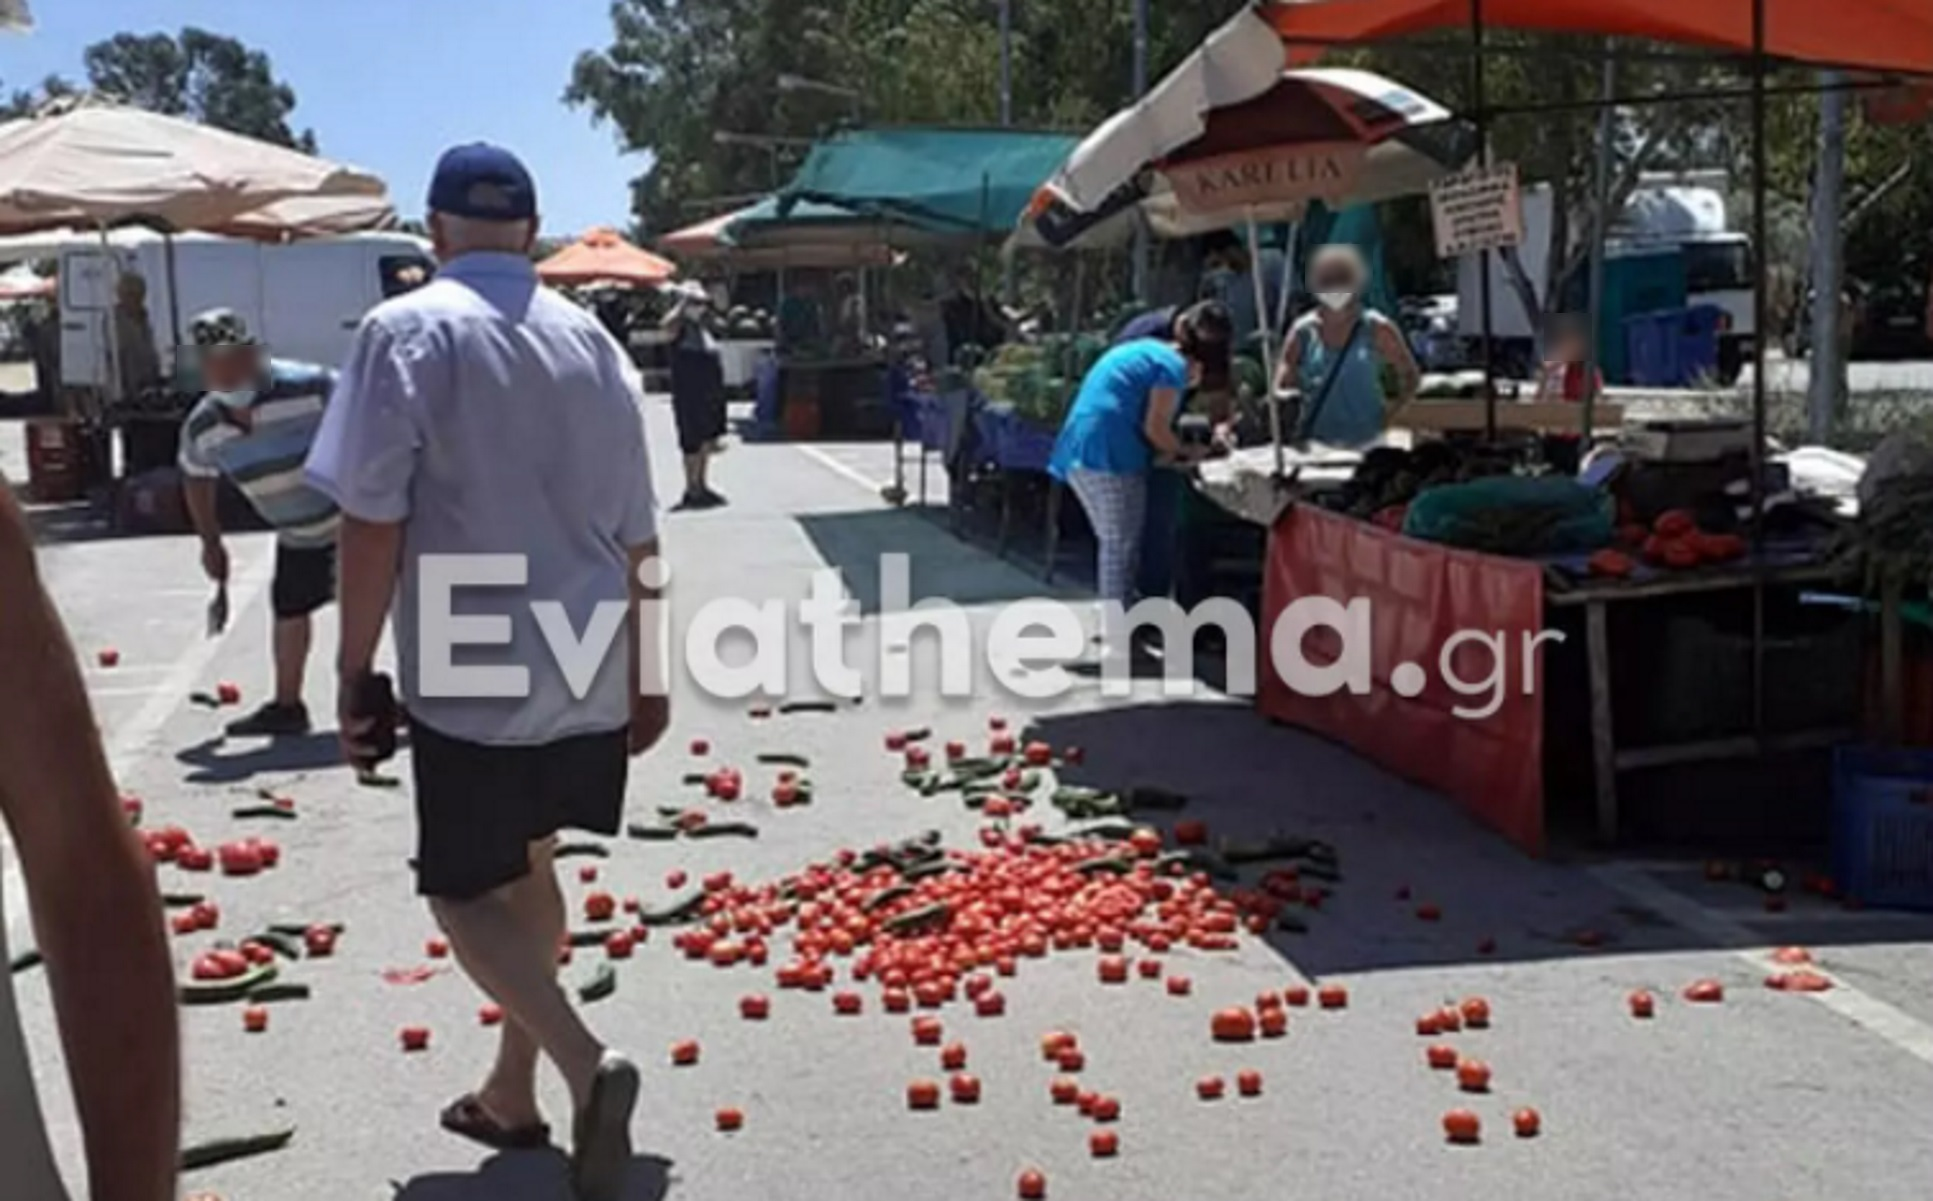 Ερέτρια: Βίντεο με χαμό σε λαϊκή αγορά μετά από έφοδο του ΣΔΟΕ